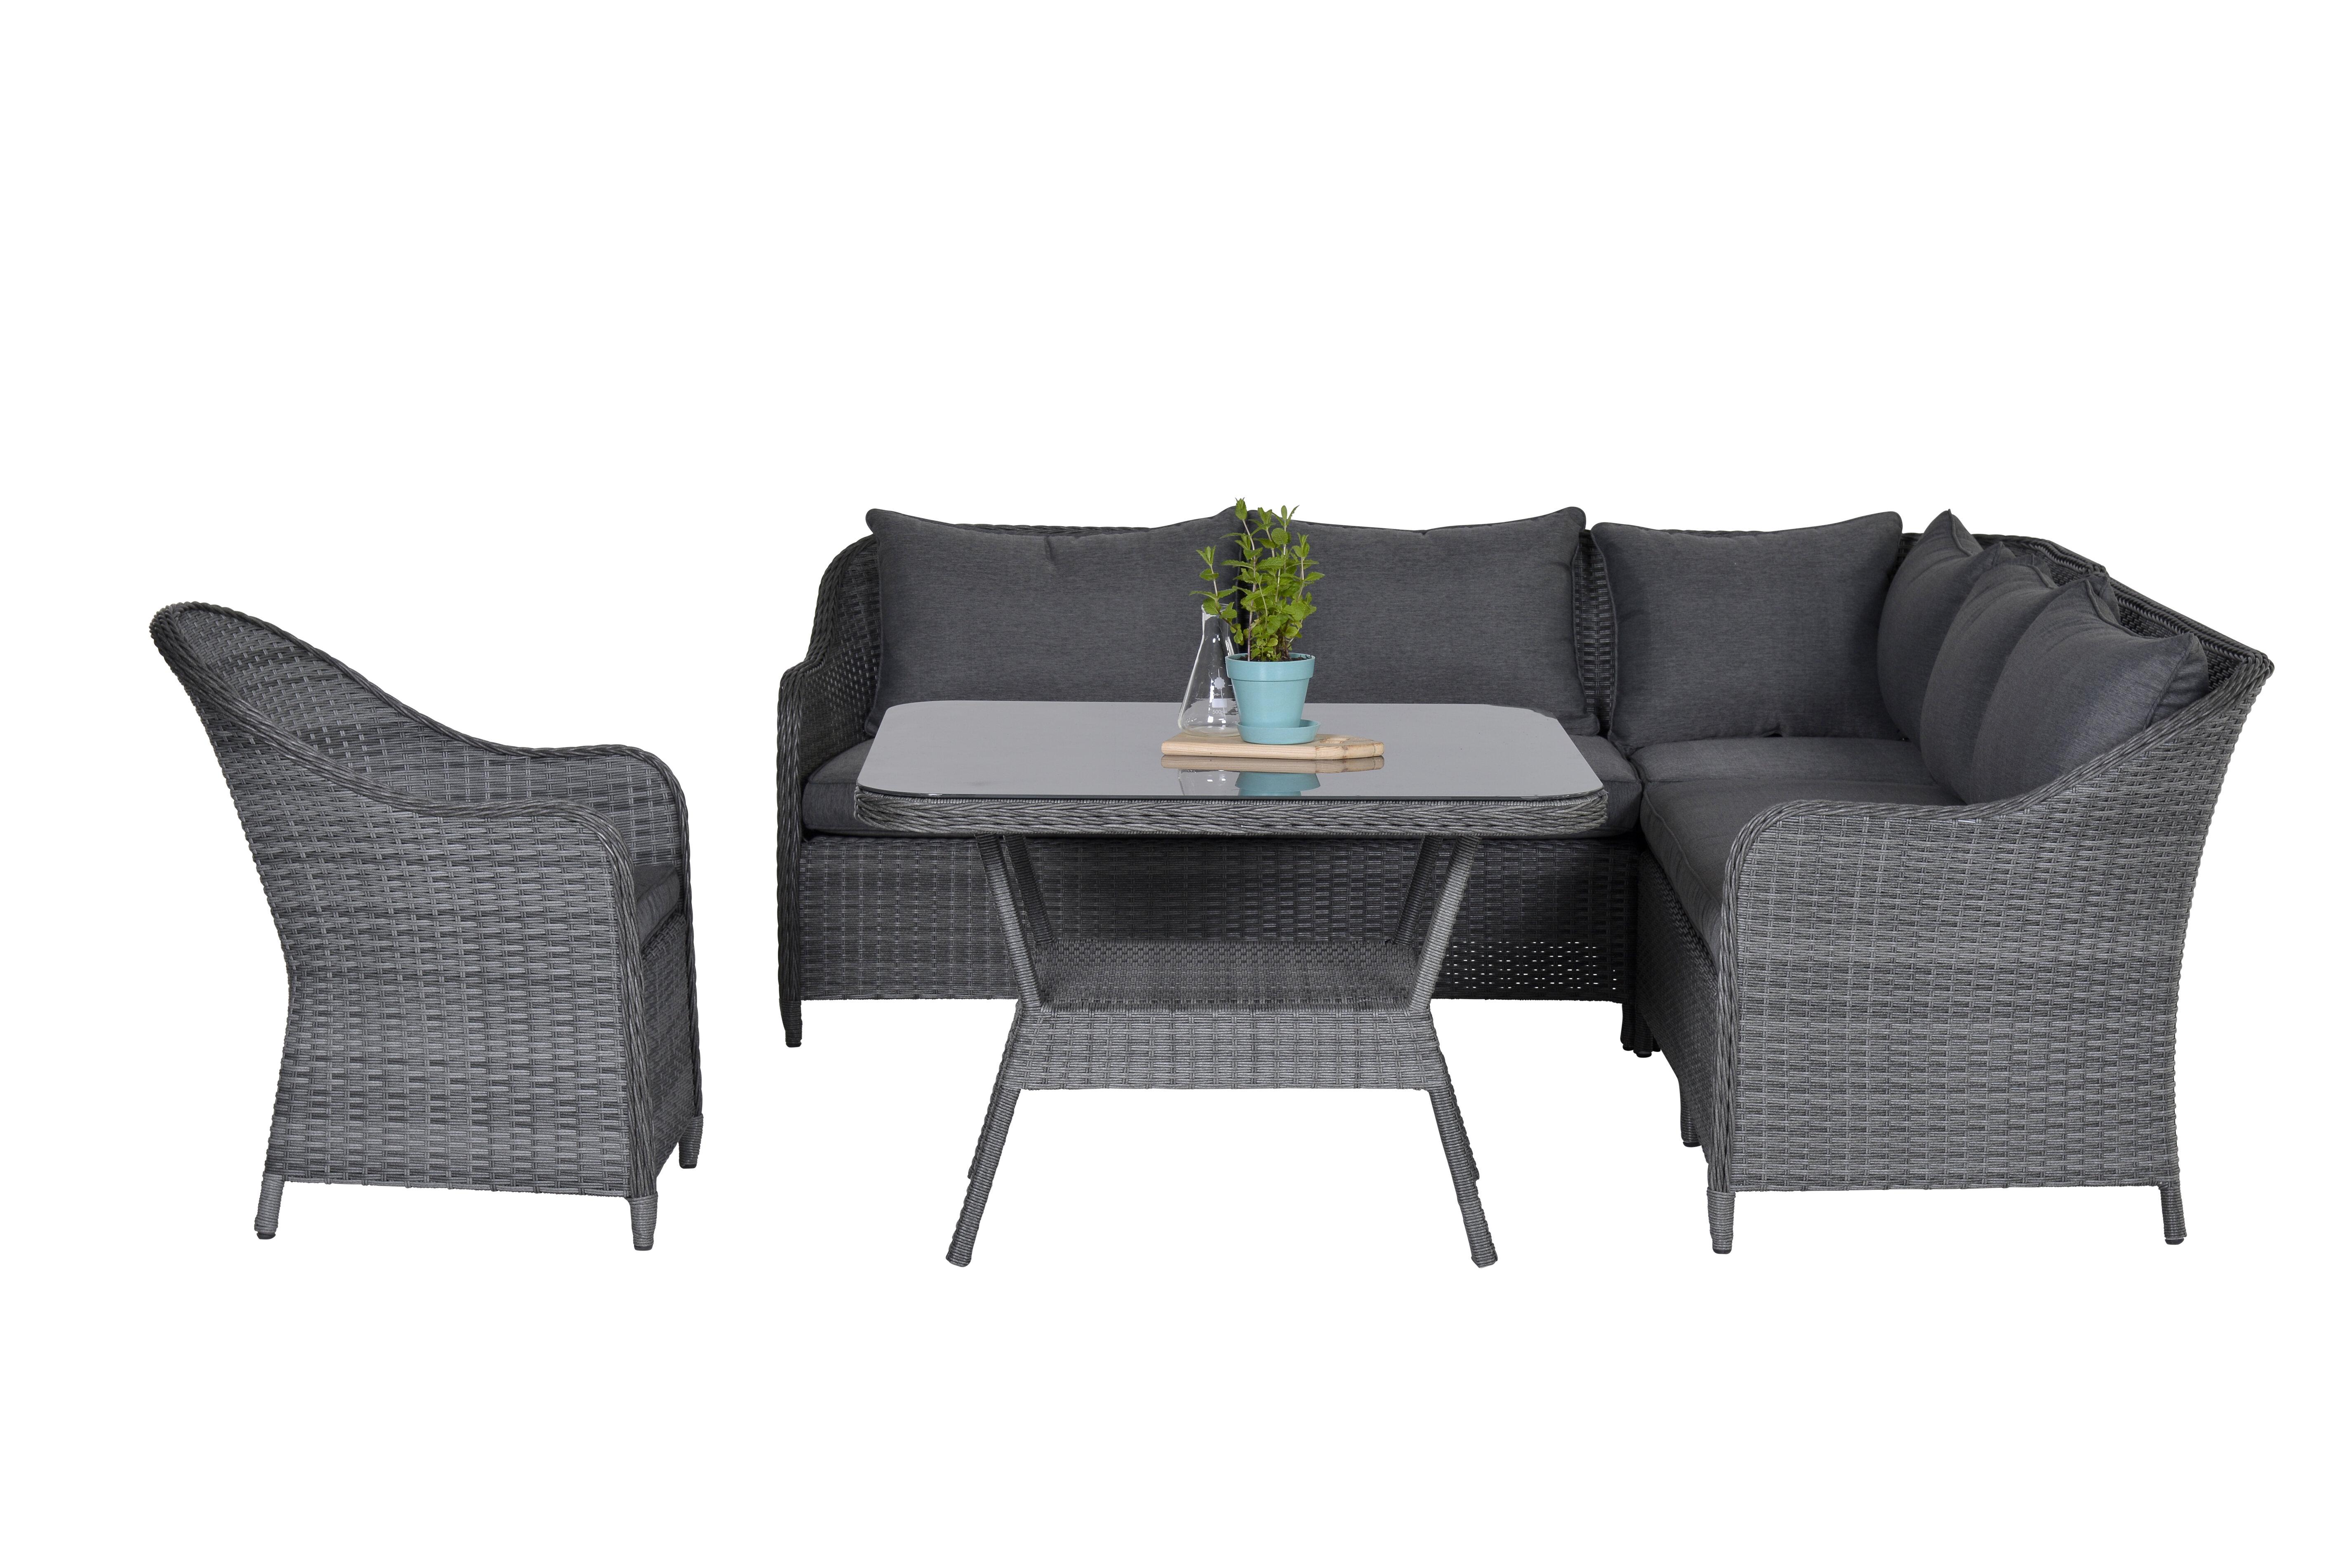 Lynton Garden 4-Sitzer Lounge-Set Fosteau aus Rattan mit Polster ...